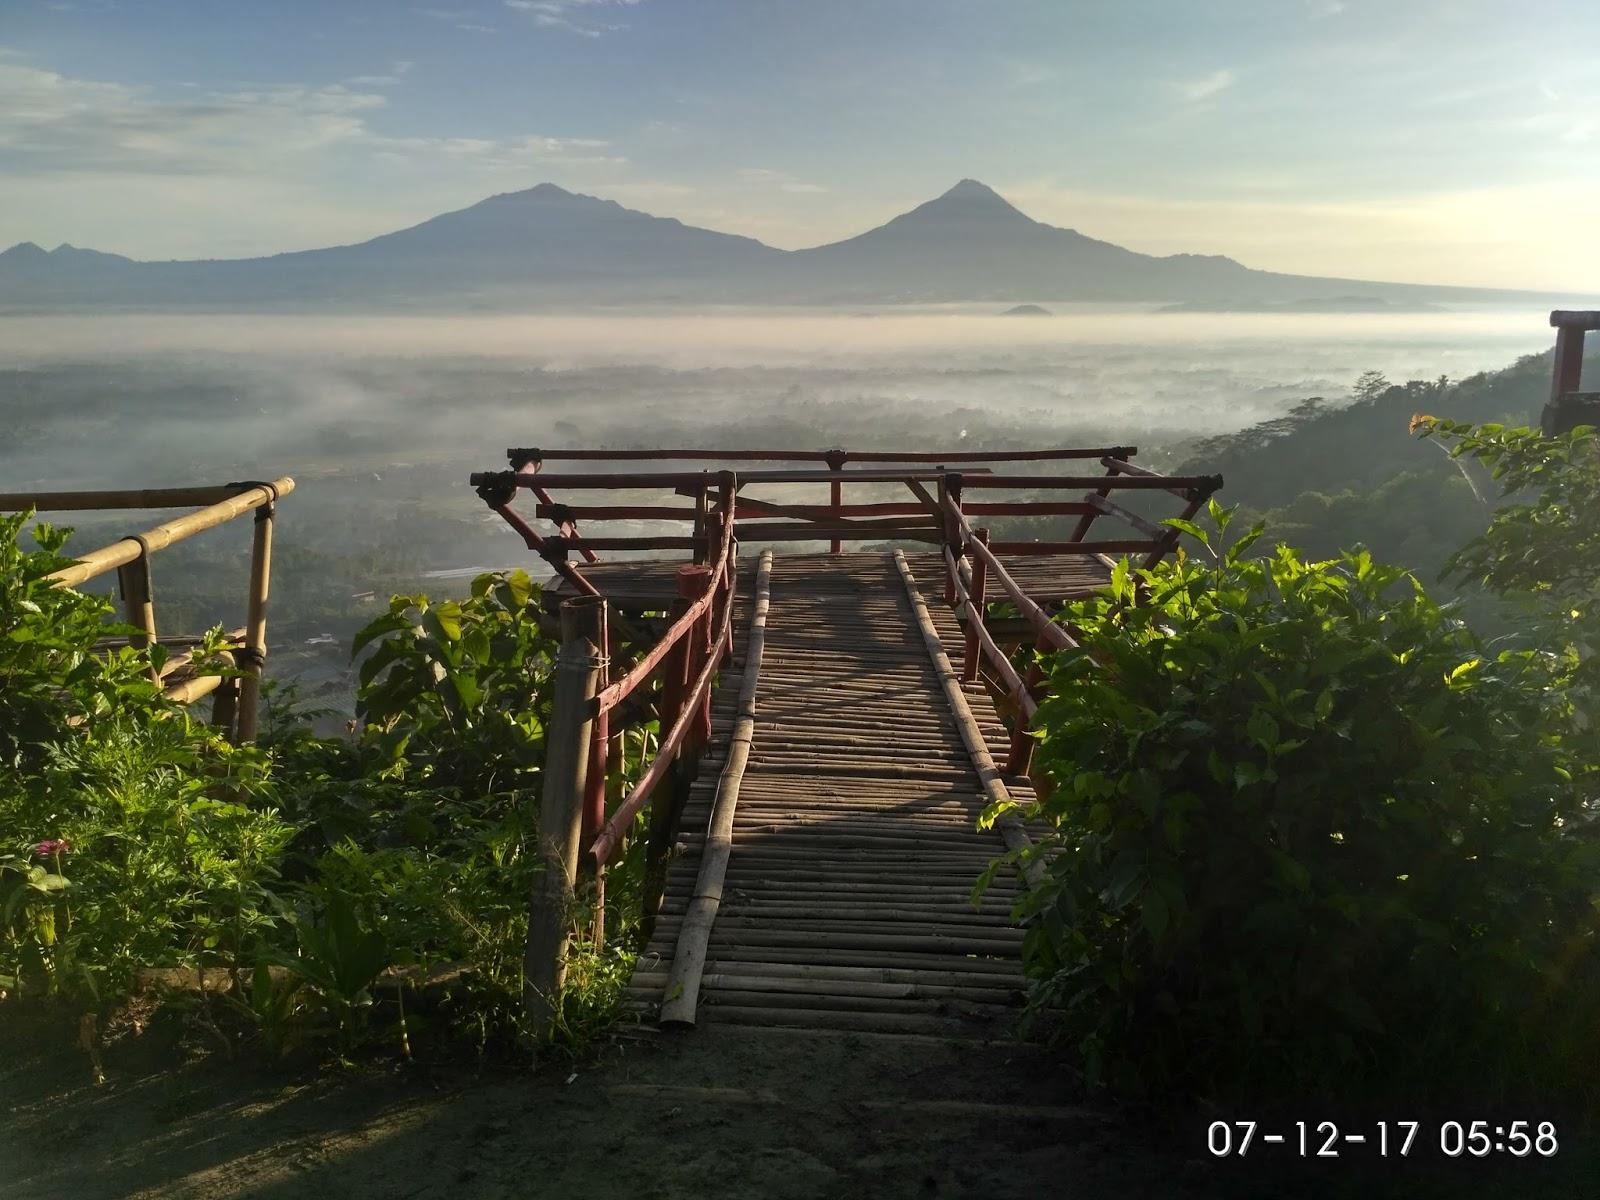 Mengejar Sunrise Punthuk Gupakan Traveling Diary Bisa Melihat Foto Diatas